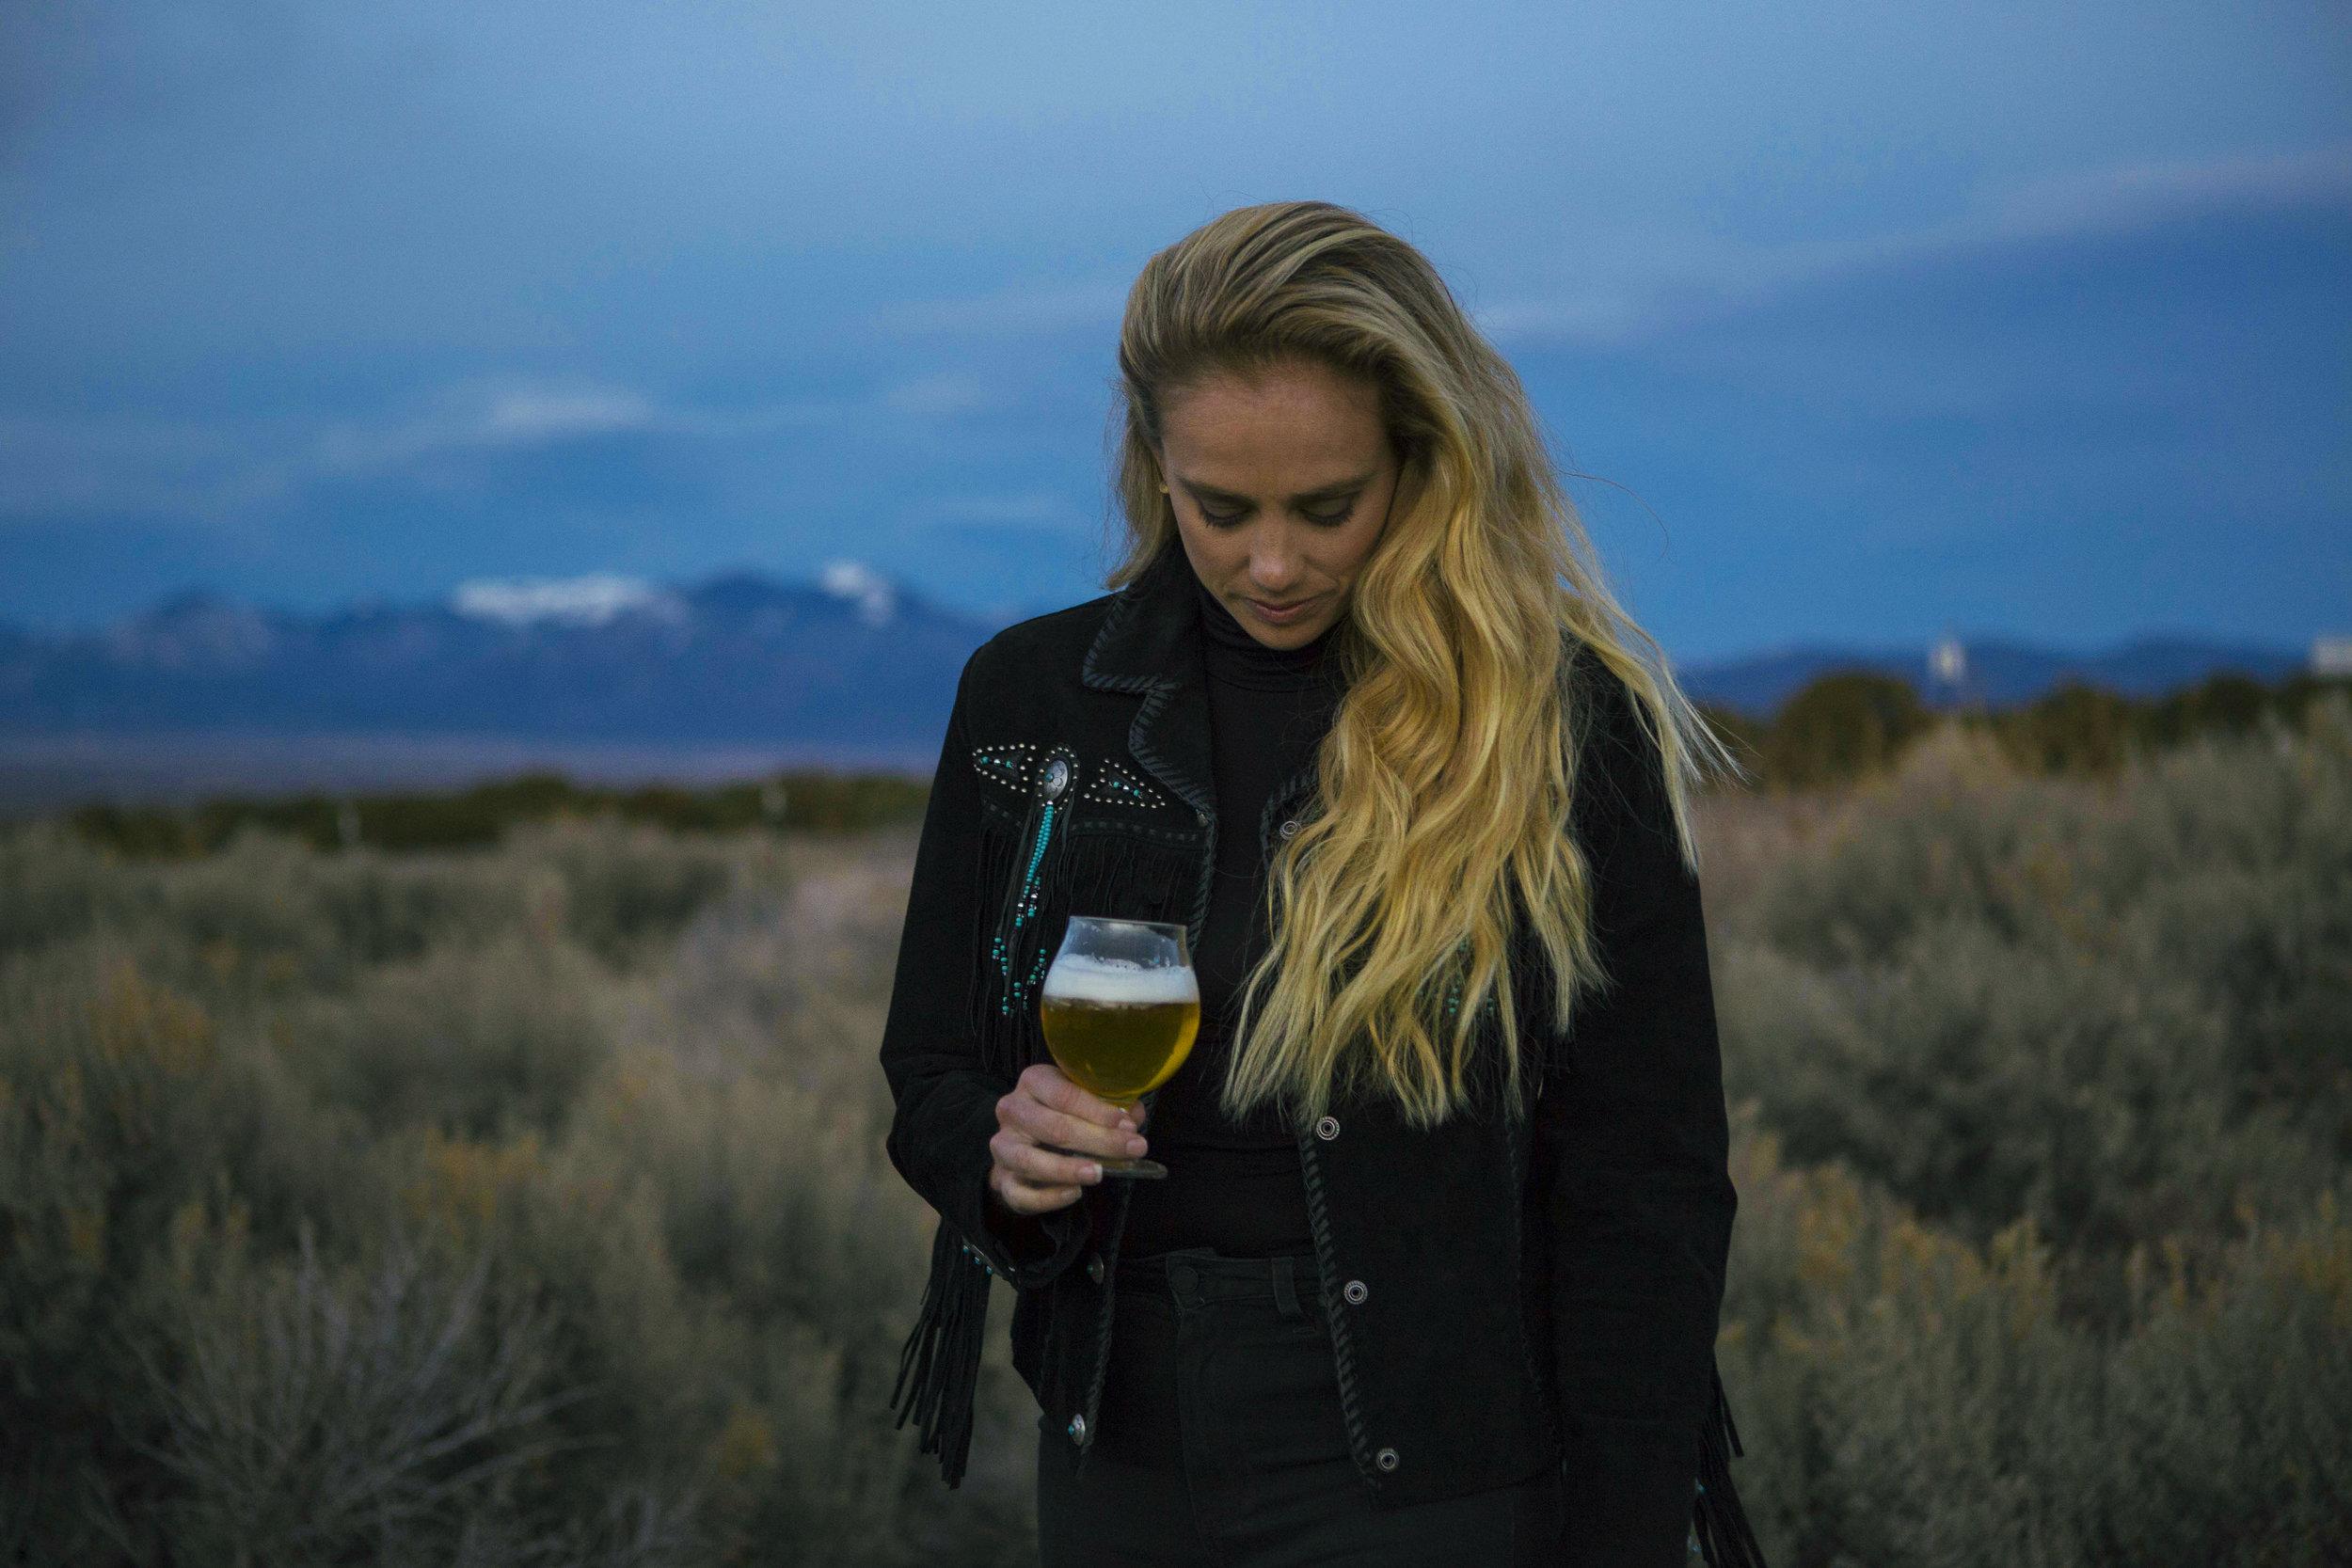 Beerland — Golden Road Brewing